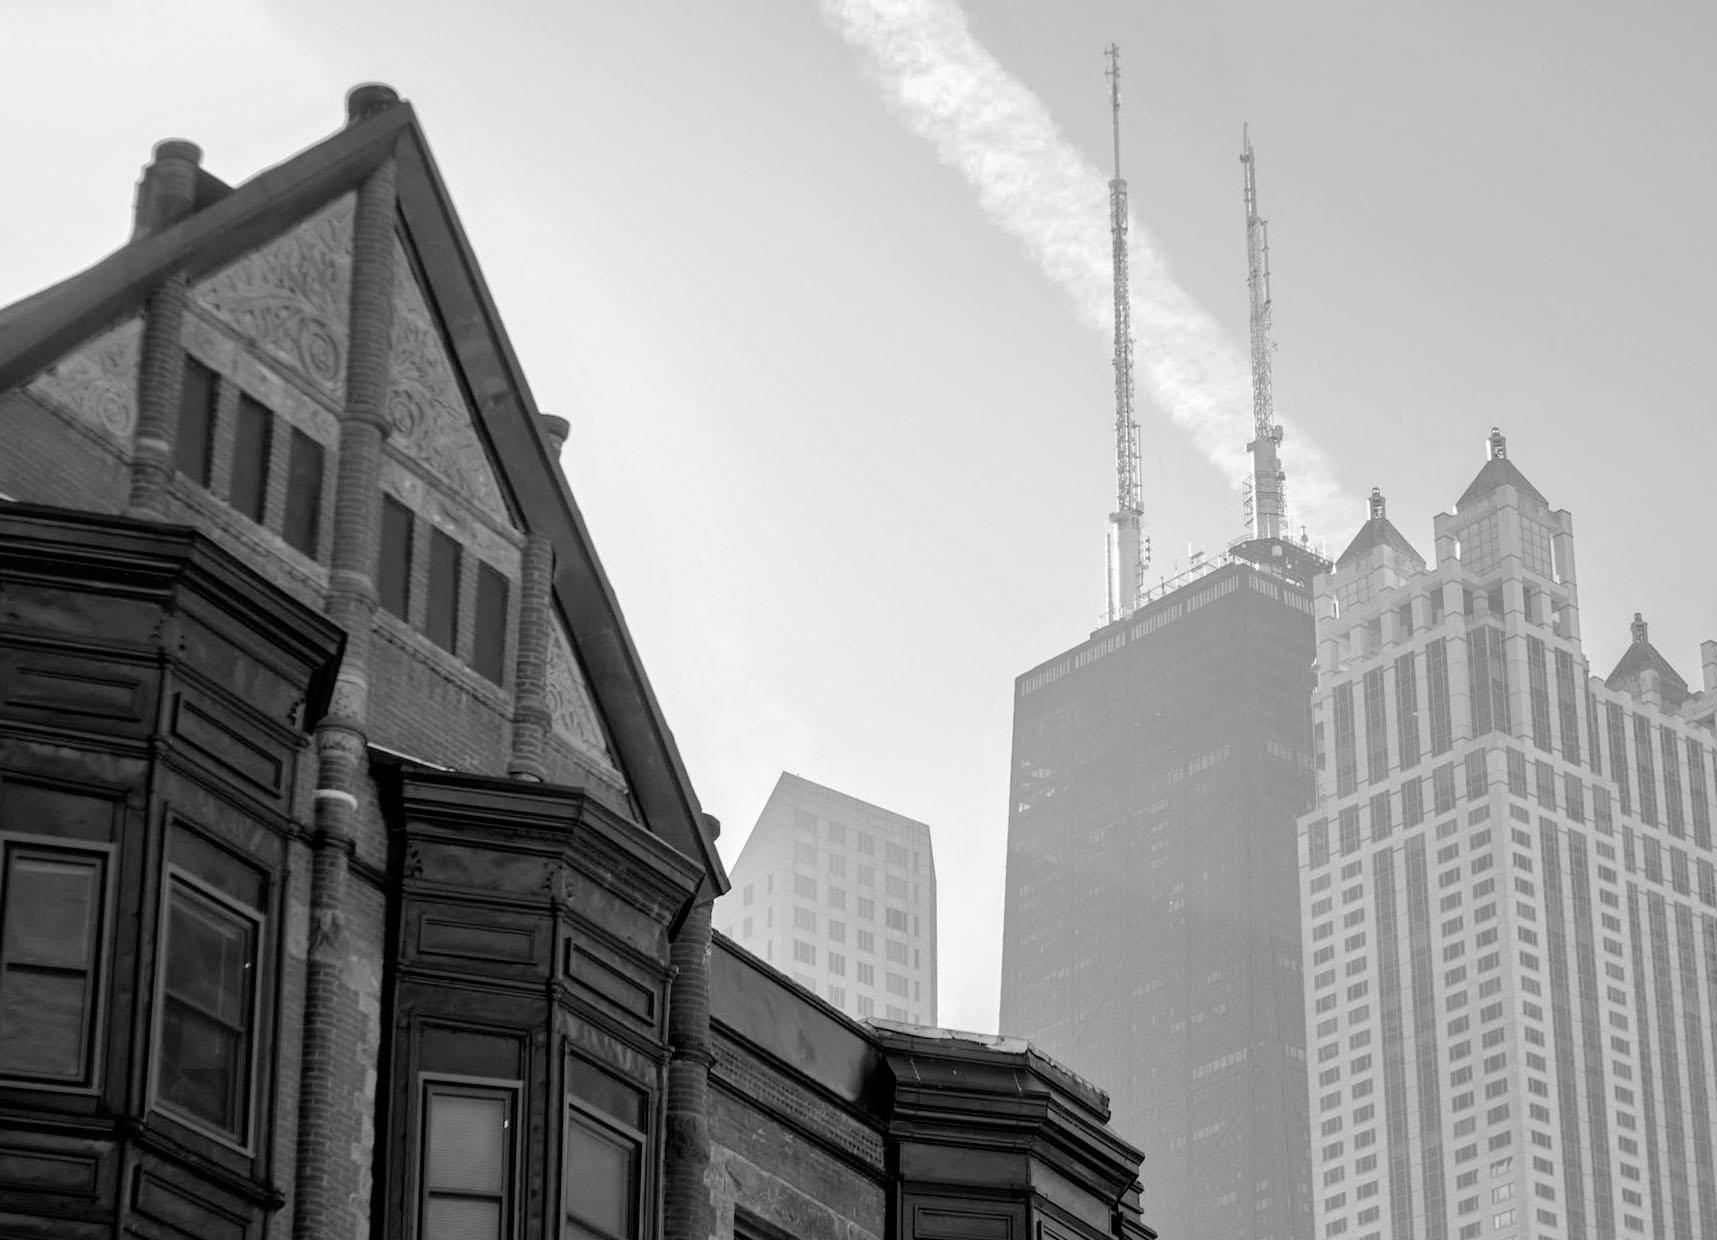 Contrastes de arquitectura en la ciudad de Chicago